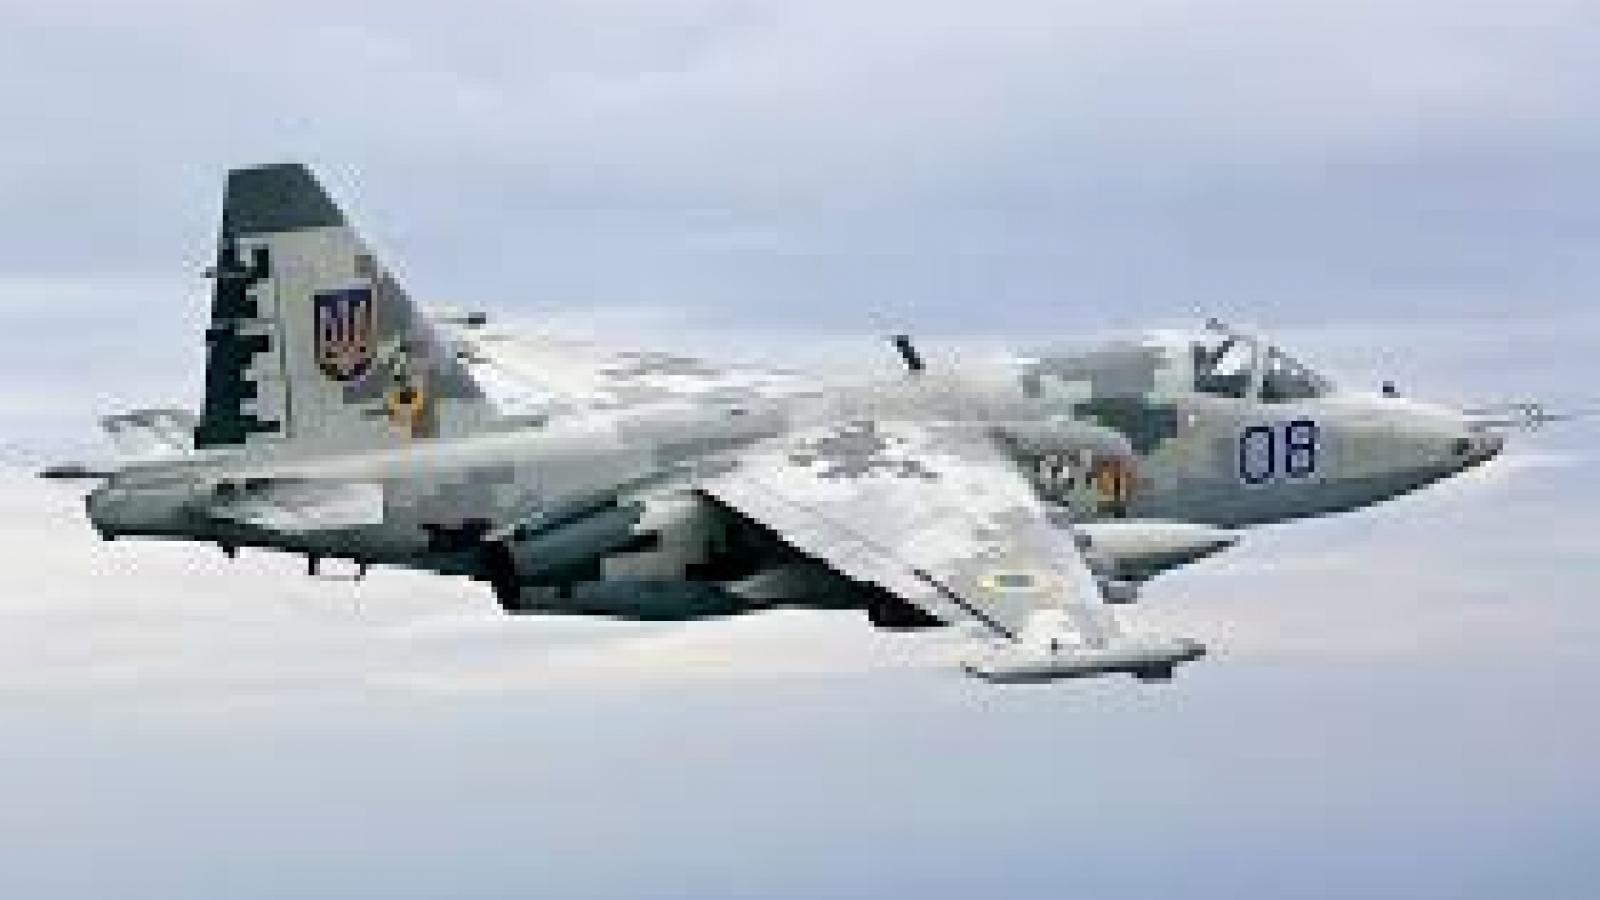 Video: Khoảnh khắc Su-25 bất ngờ phóng tên lửa làm 5 người thiệt mạng